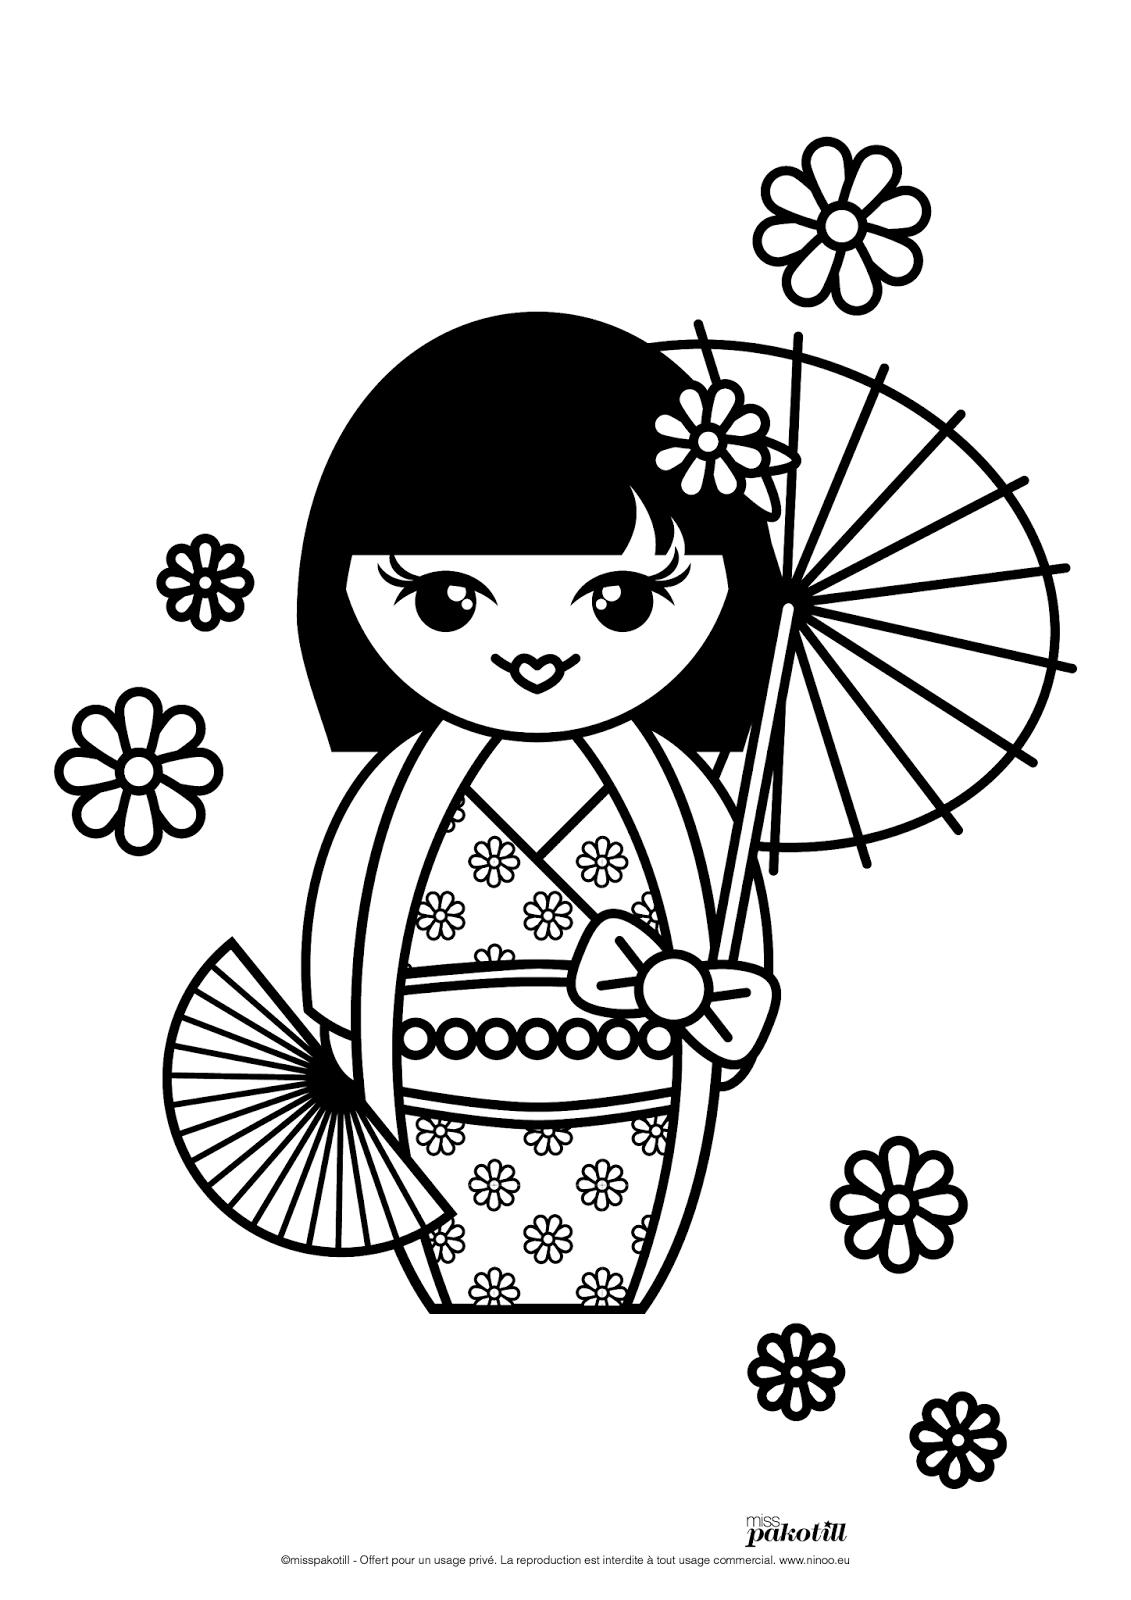 Dessin japonais a colorier - Dessin colorier ...